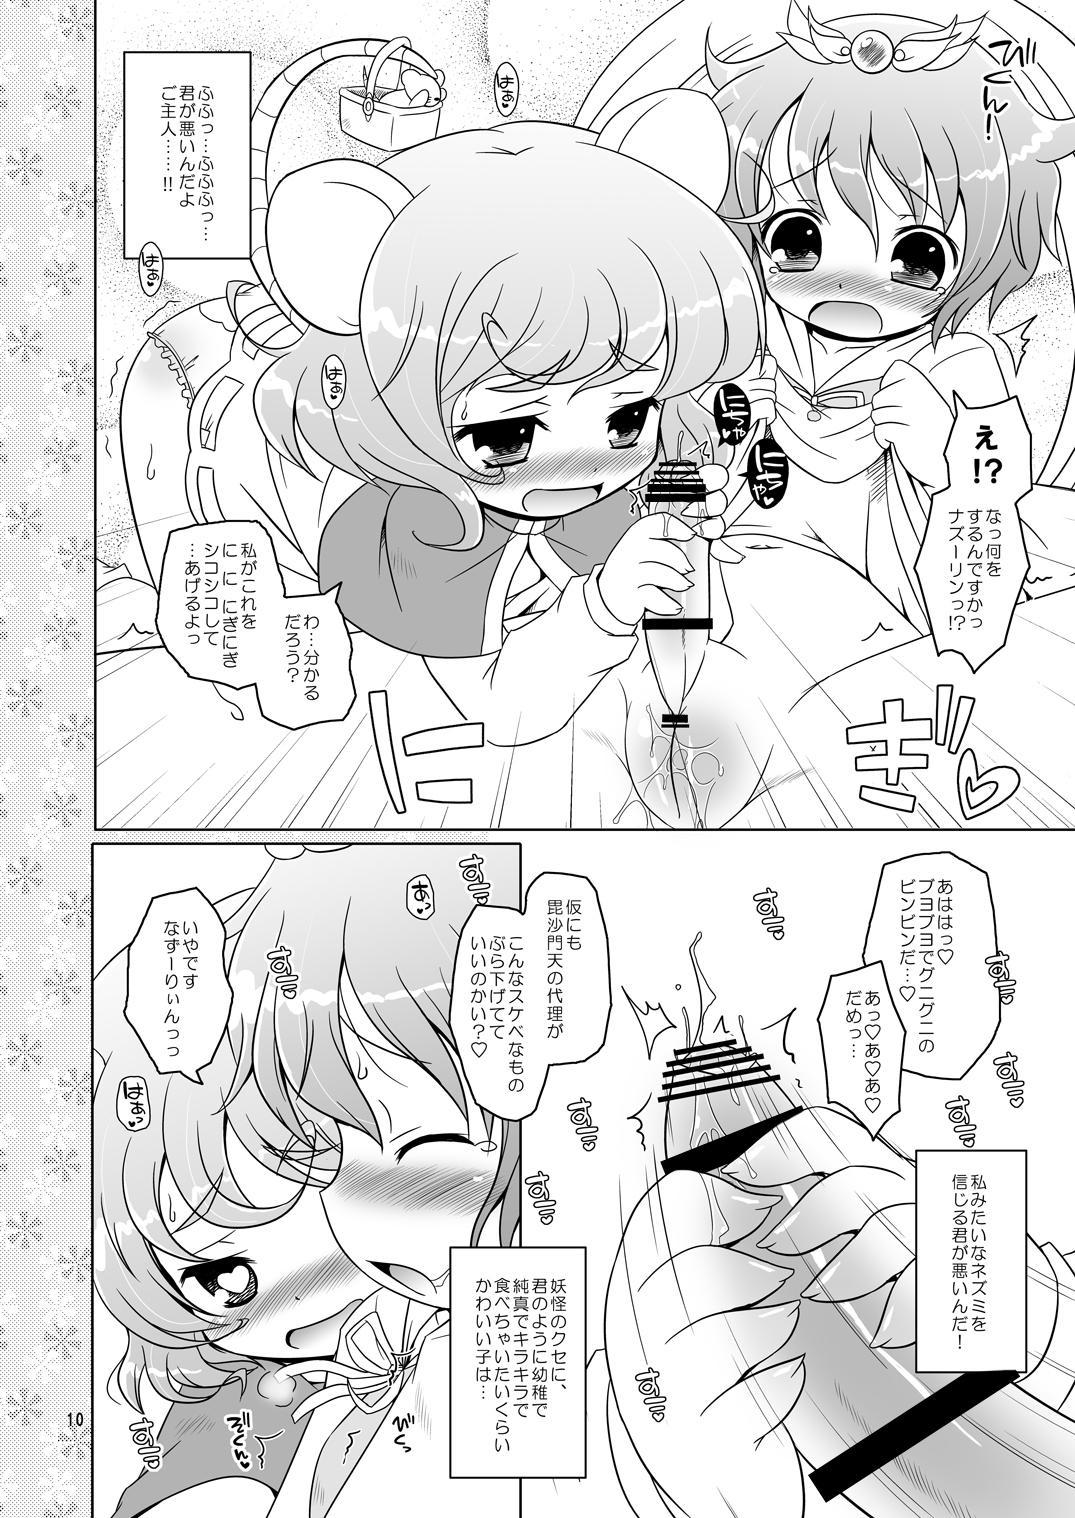 Watashi no Nazrin 8